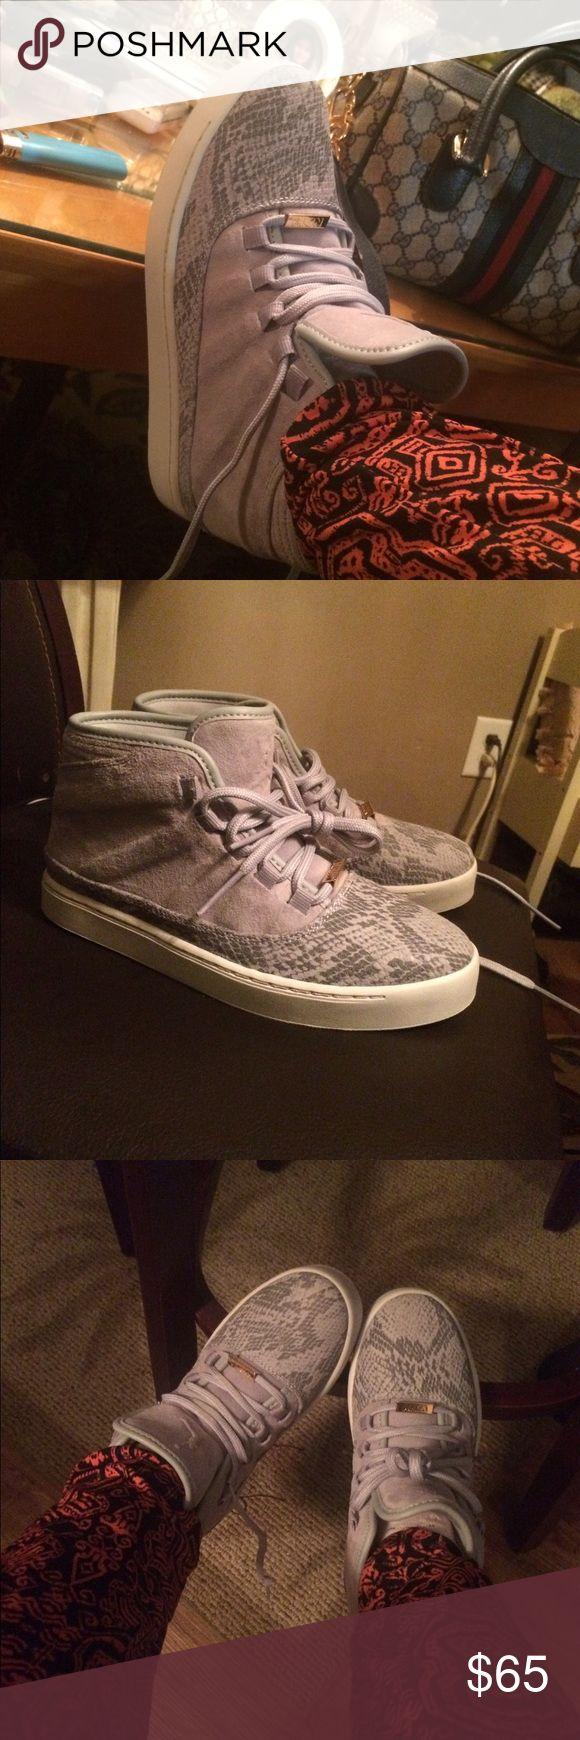 Russel Westbrook Jordan Brand new Russell Westbrook Jordan in size 4 1/2 y. Gray leather n Suede Jordan Shoes